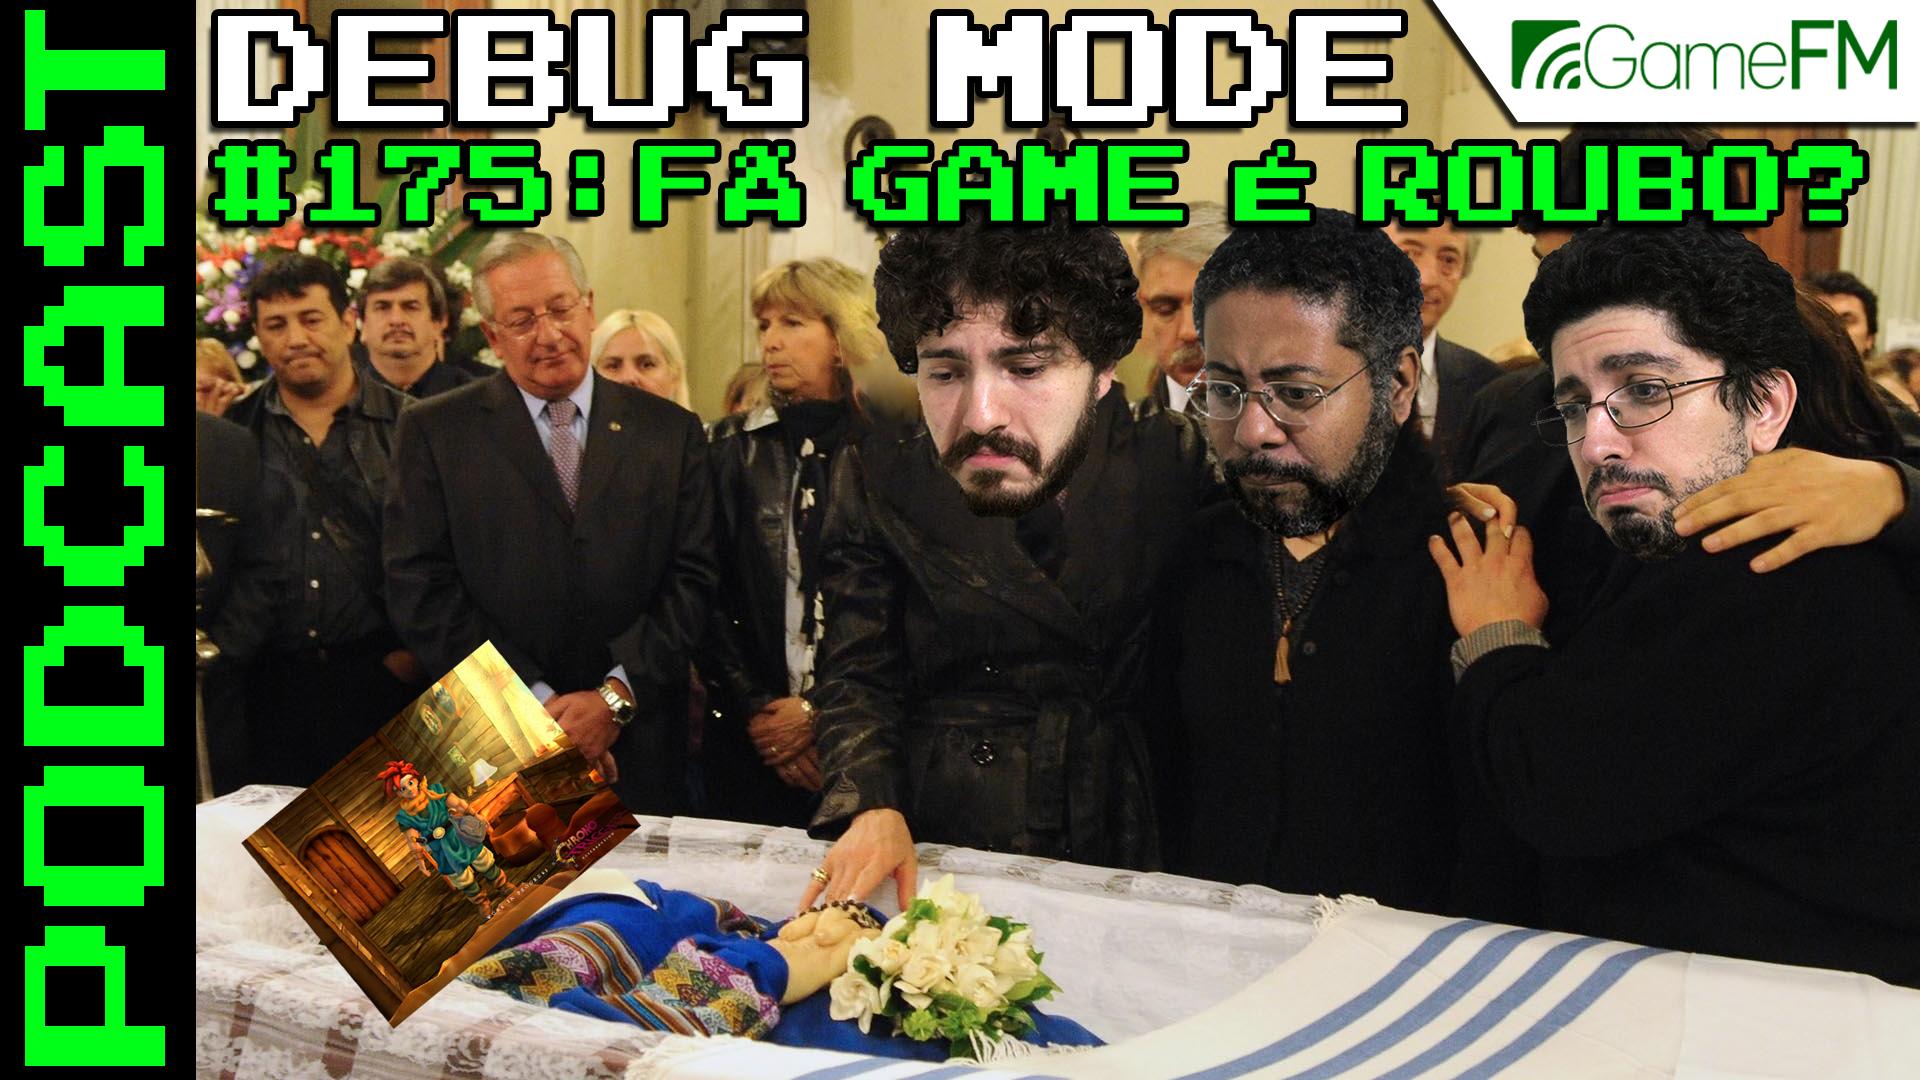 debugmode175